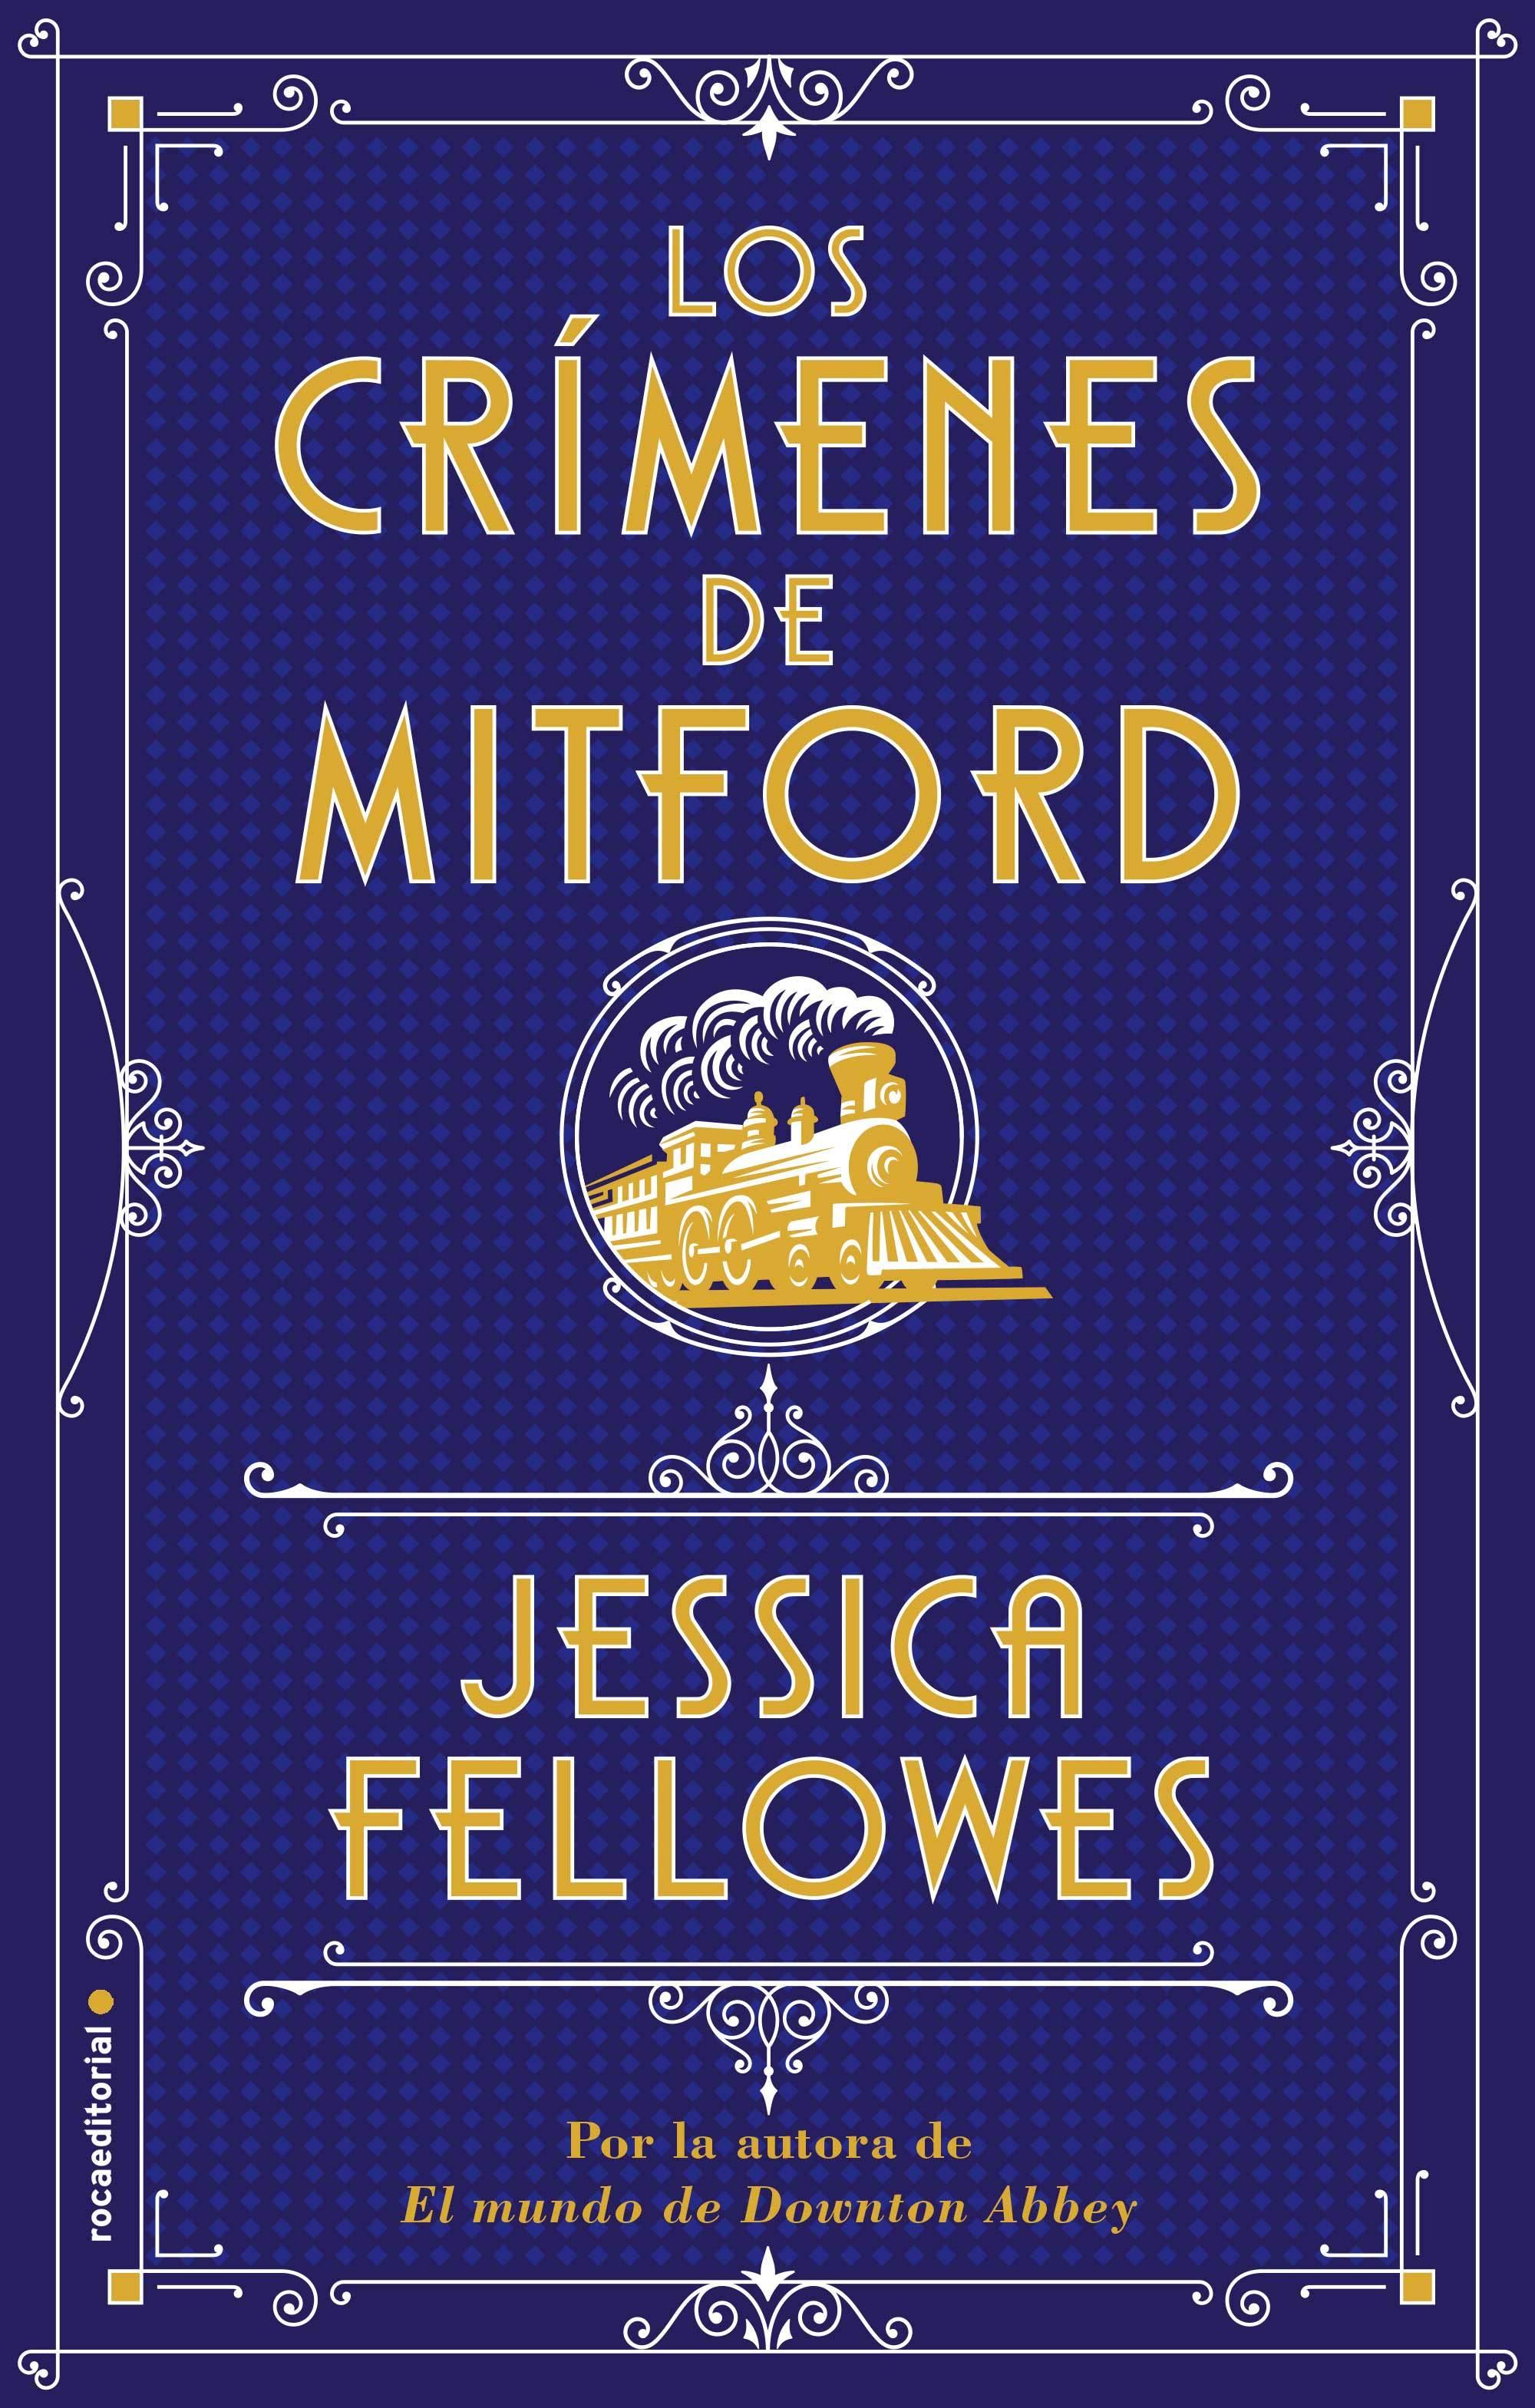 Los crímenes de Mitford.